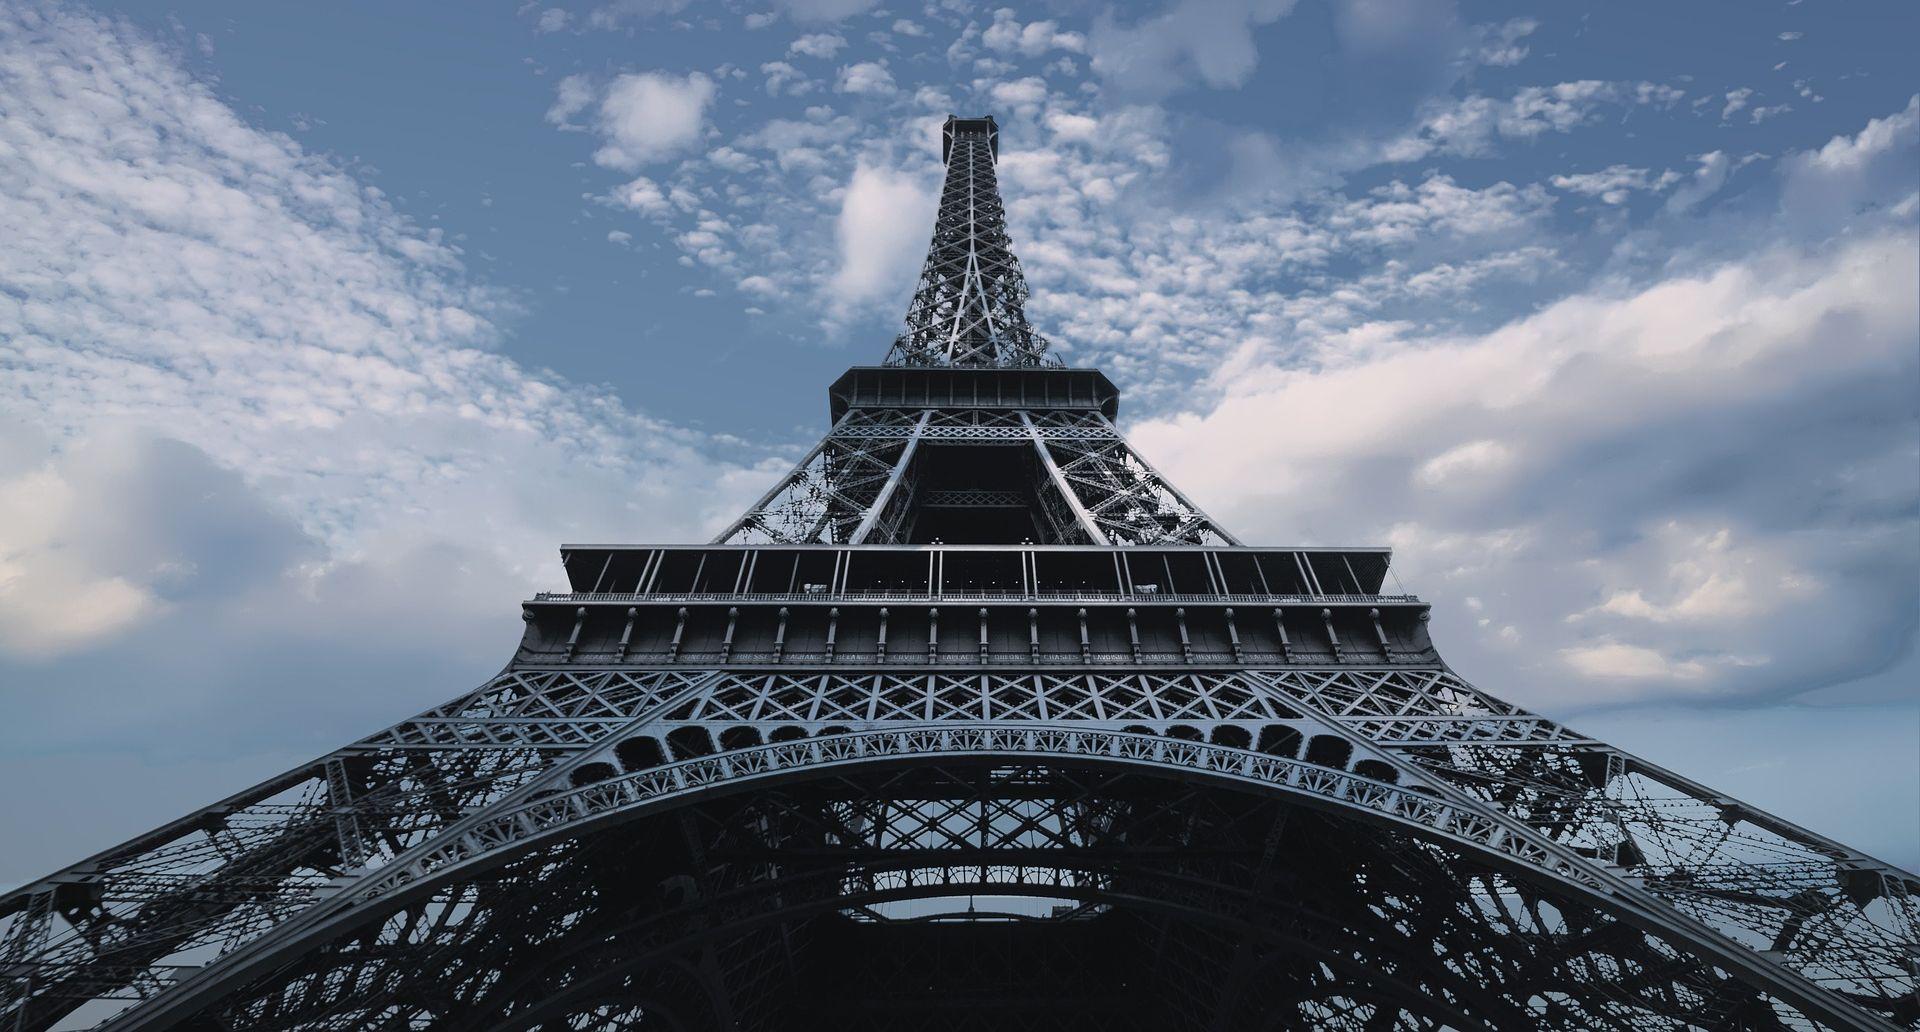 Zbog snažnih naleta vjetra zatvoren Eiffelov toranj